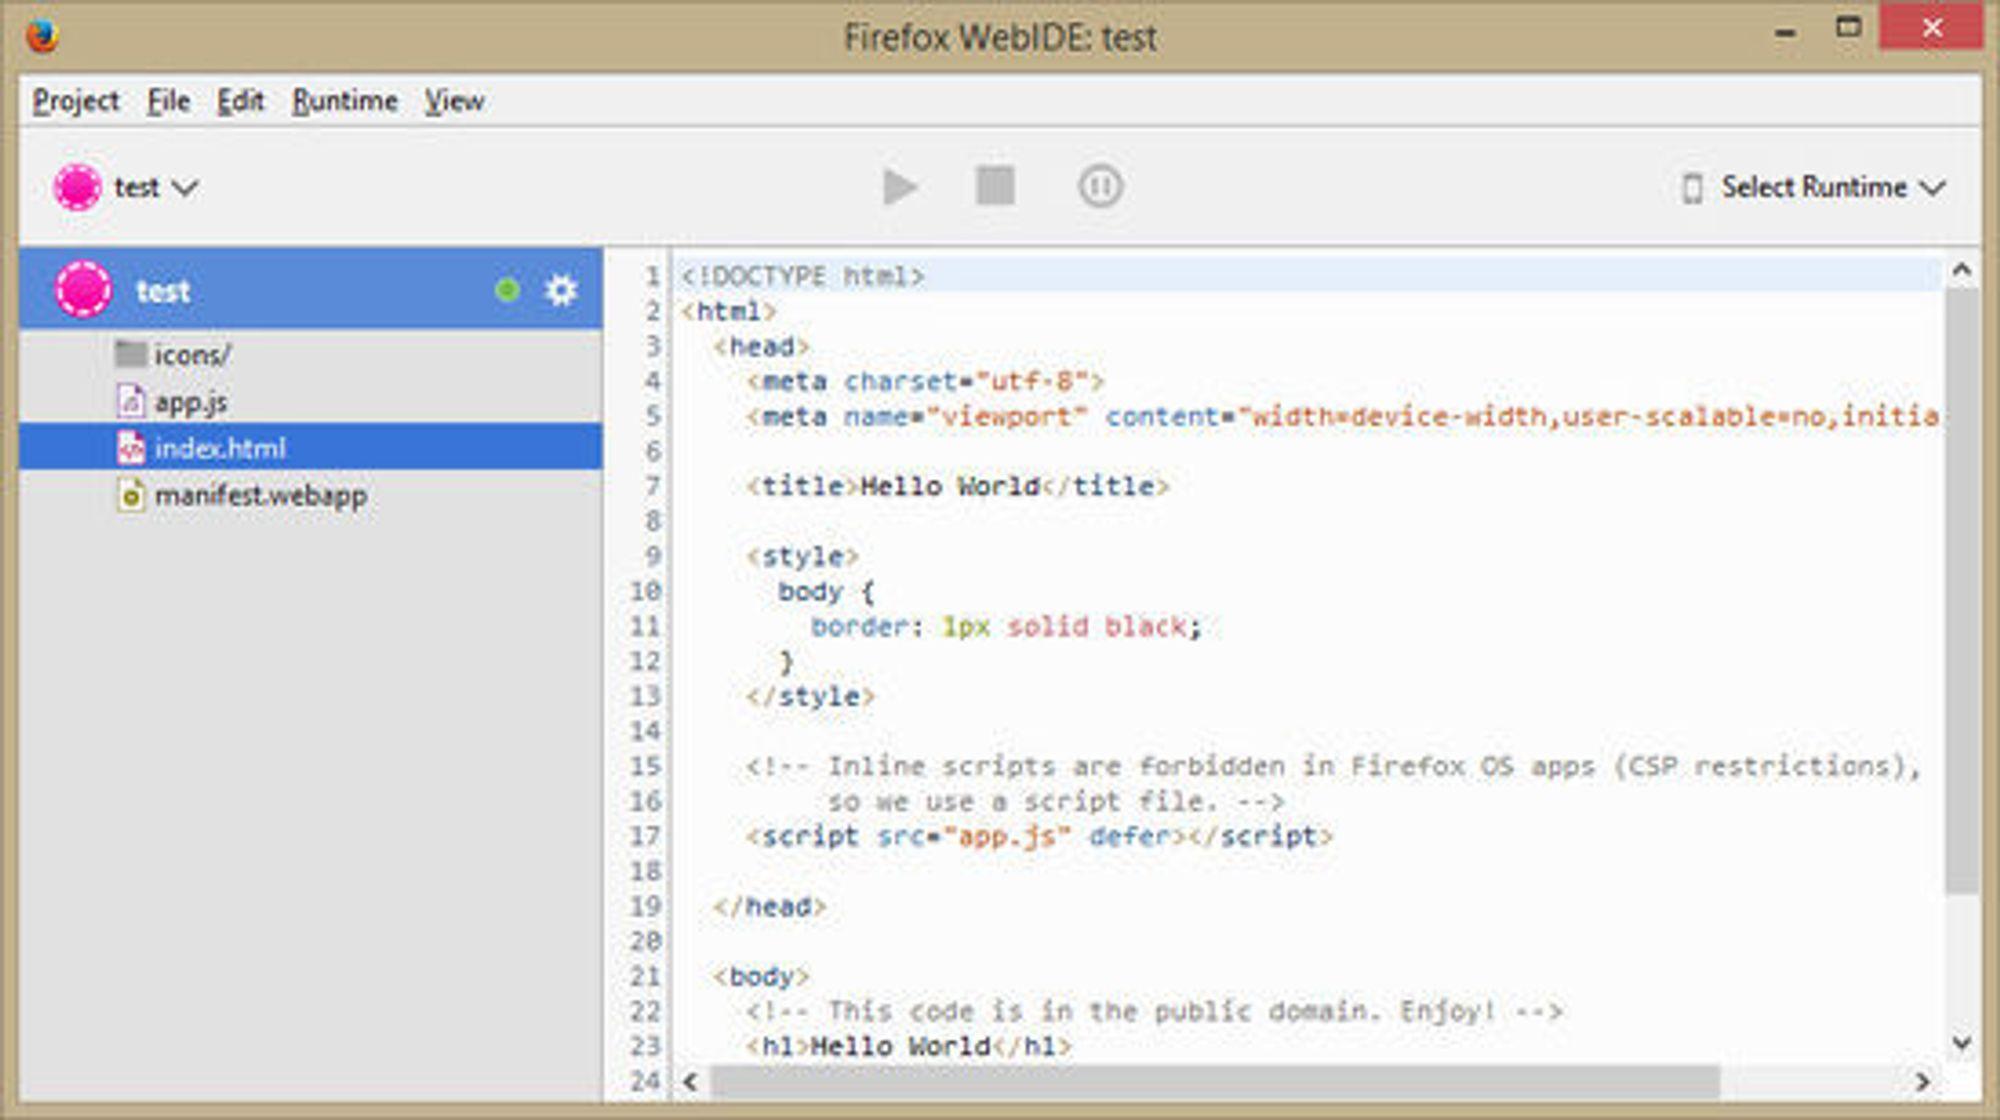 WebIDE er et nytt verktøy i Firefox for utvikling av webbaserte applikasjoner.